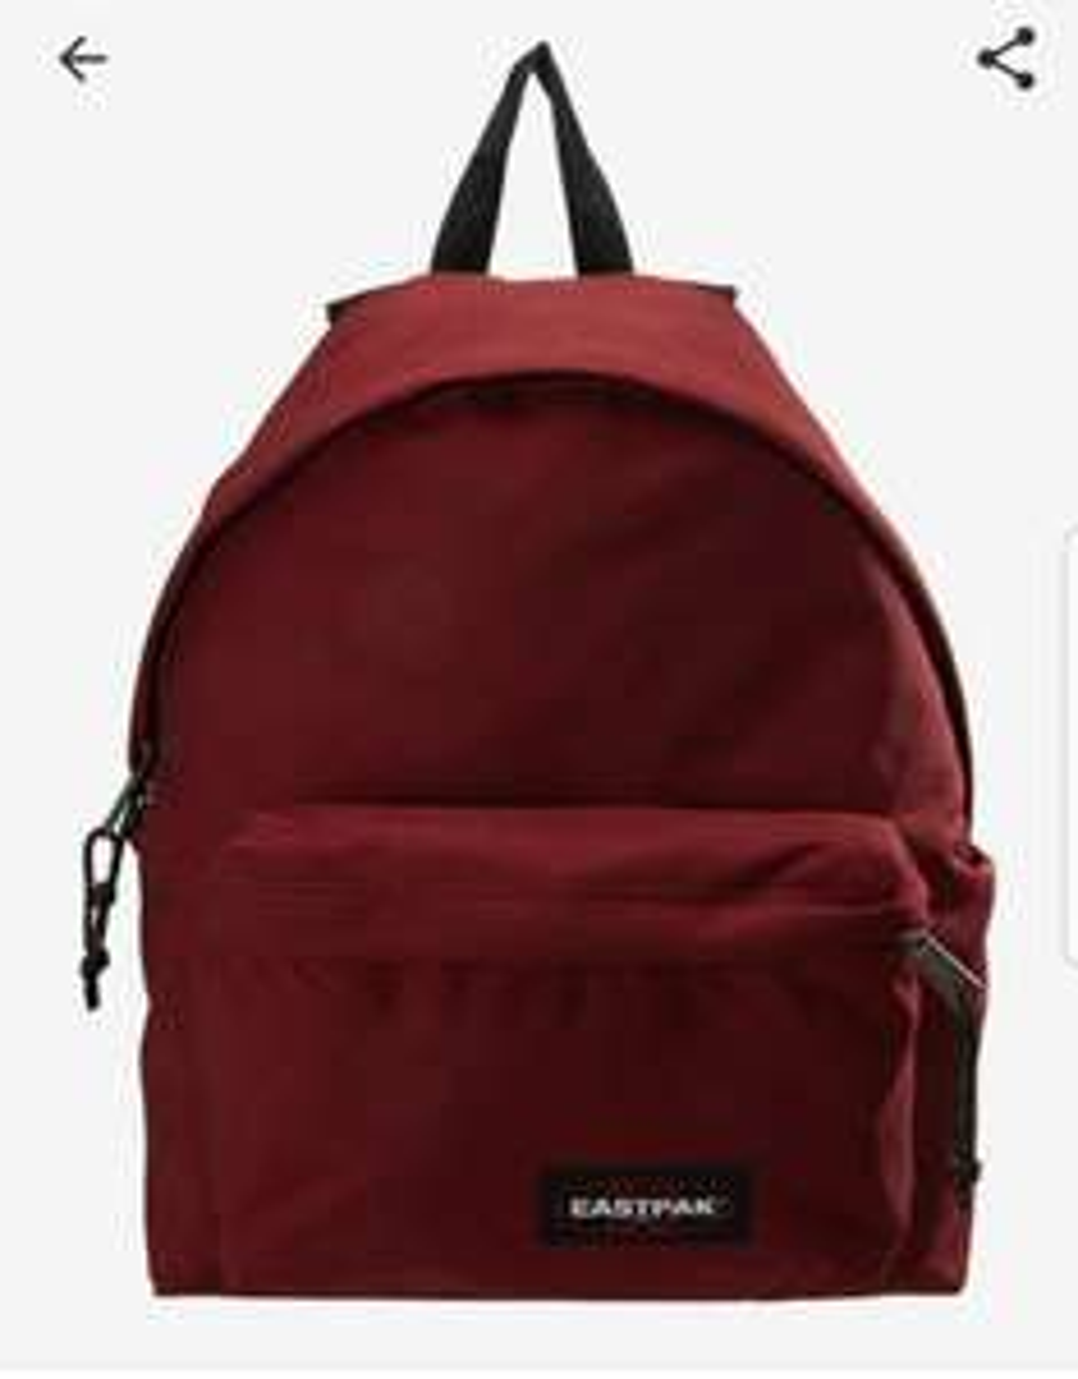 42cc7577e7c Bons plans Eastpak   promotions en ligne et en magasin » Dealabs